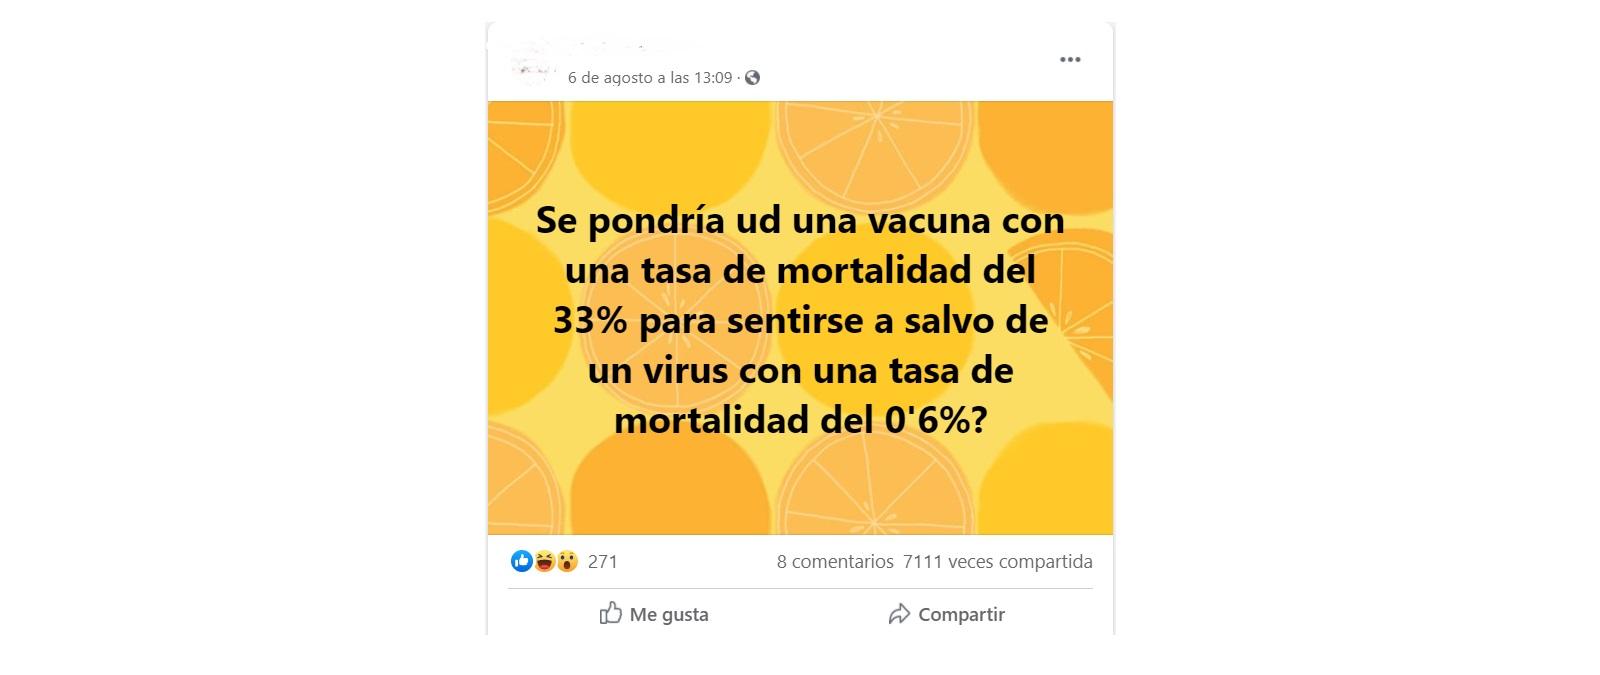 Por qué una vacuna que presenta una mortalidad del 33% nunca saldría al mercado